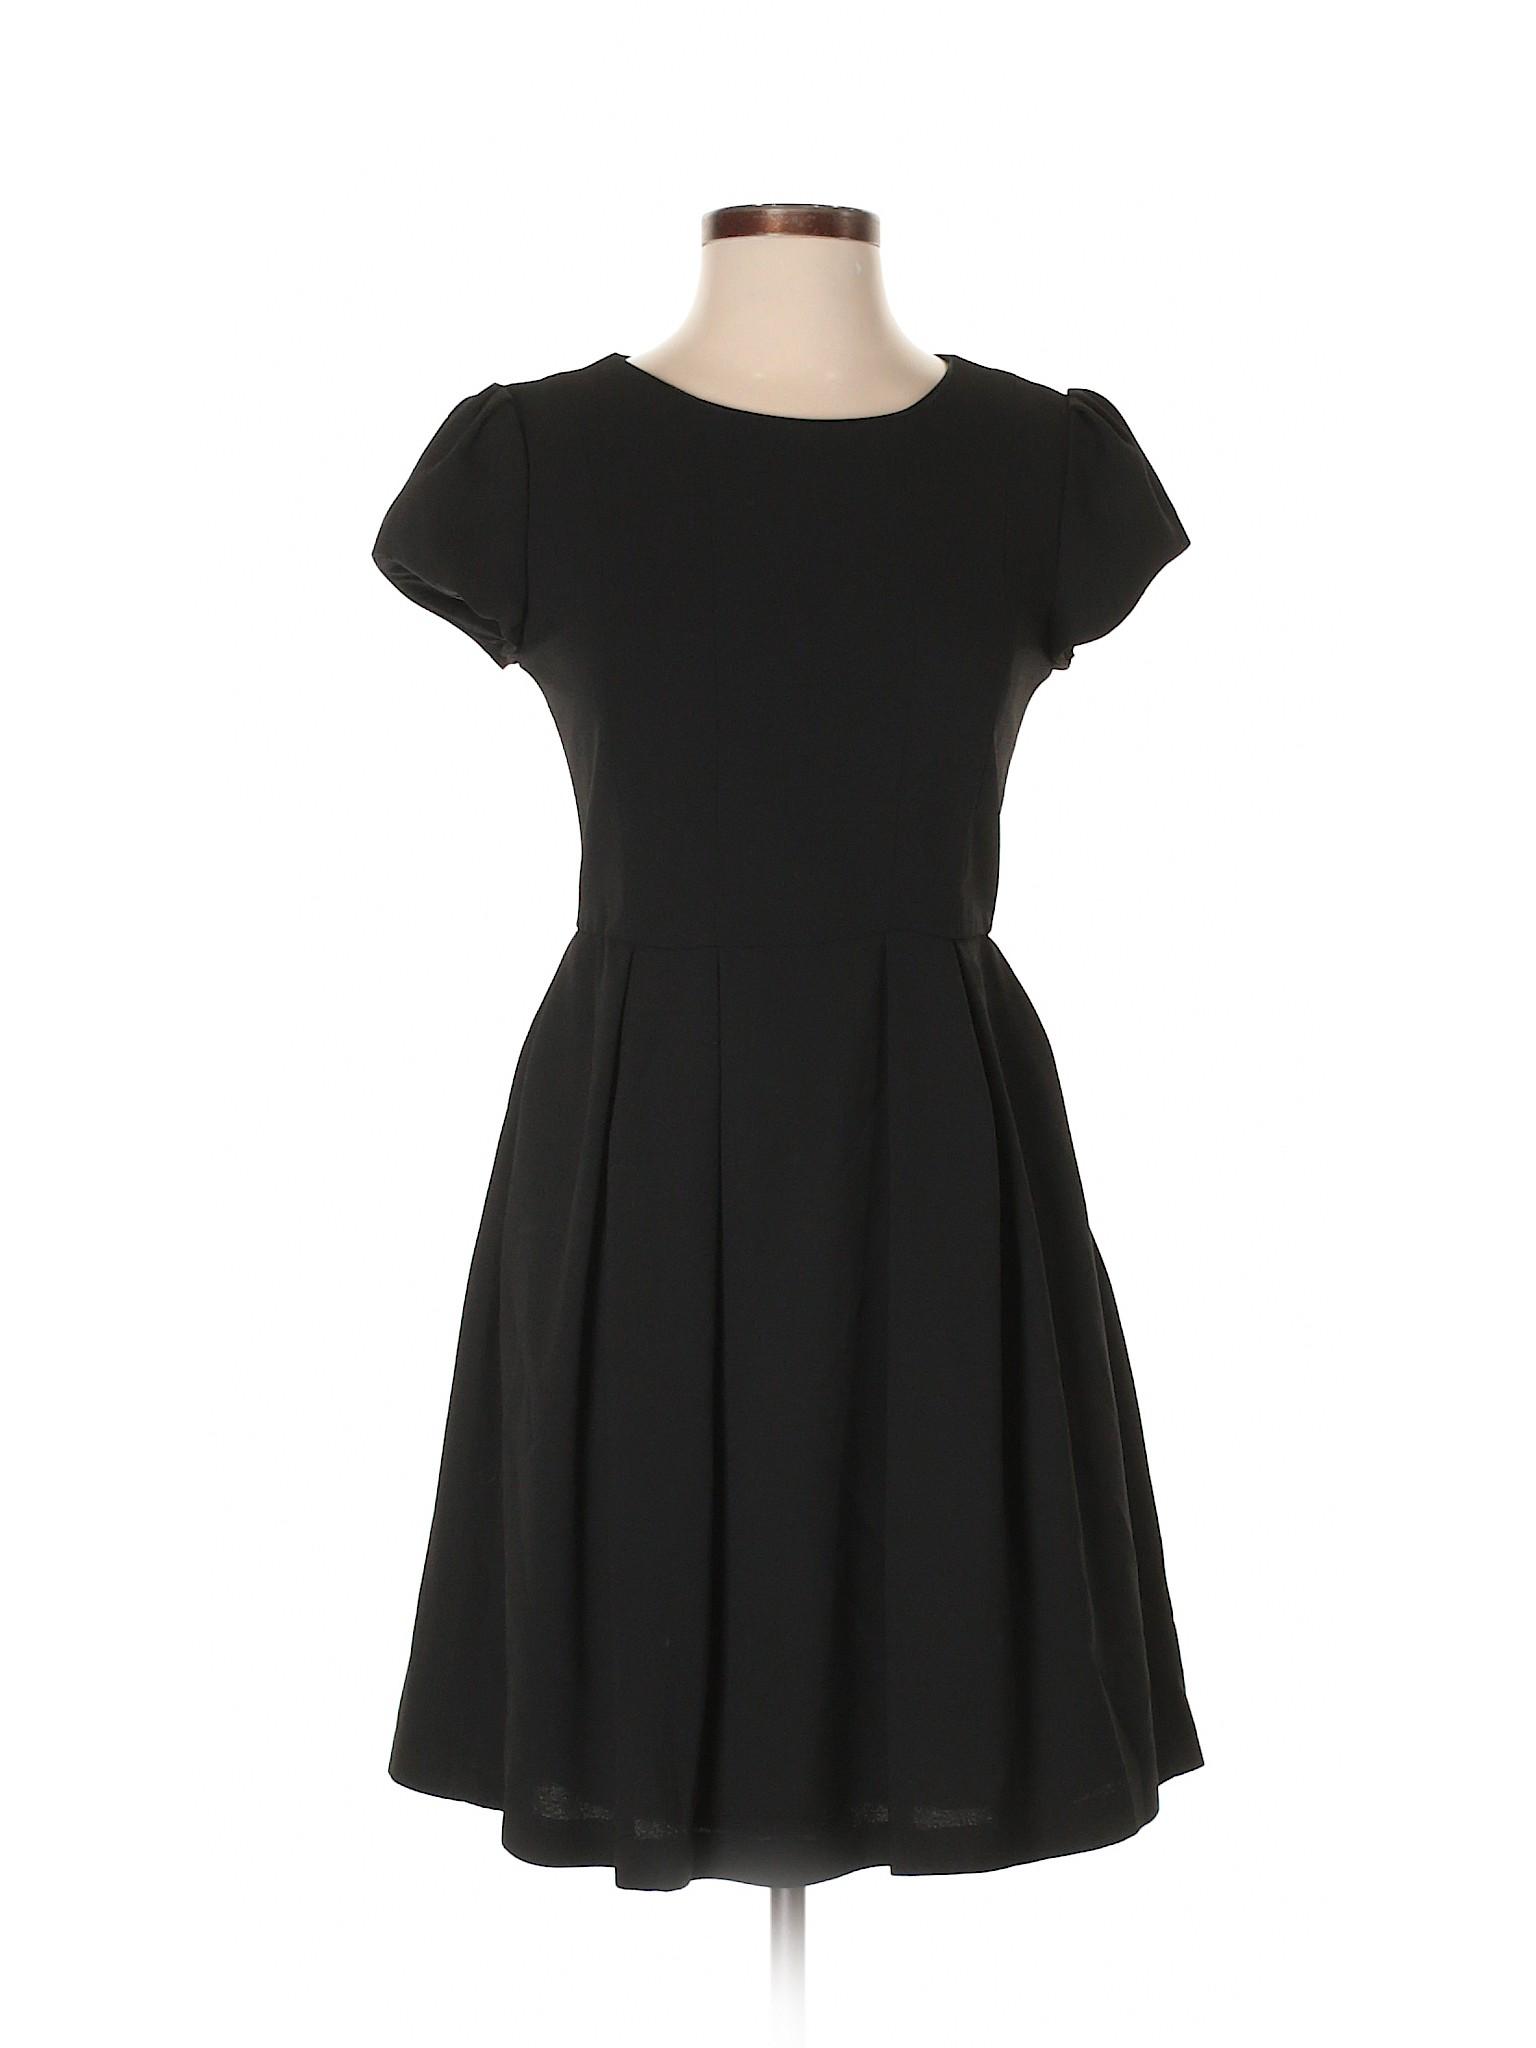 Zara Casual Dress Selling Basic Selling Zara EBa1qyUTq